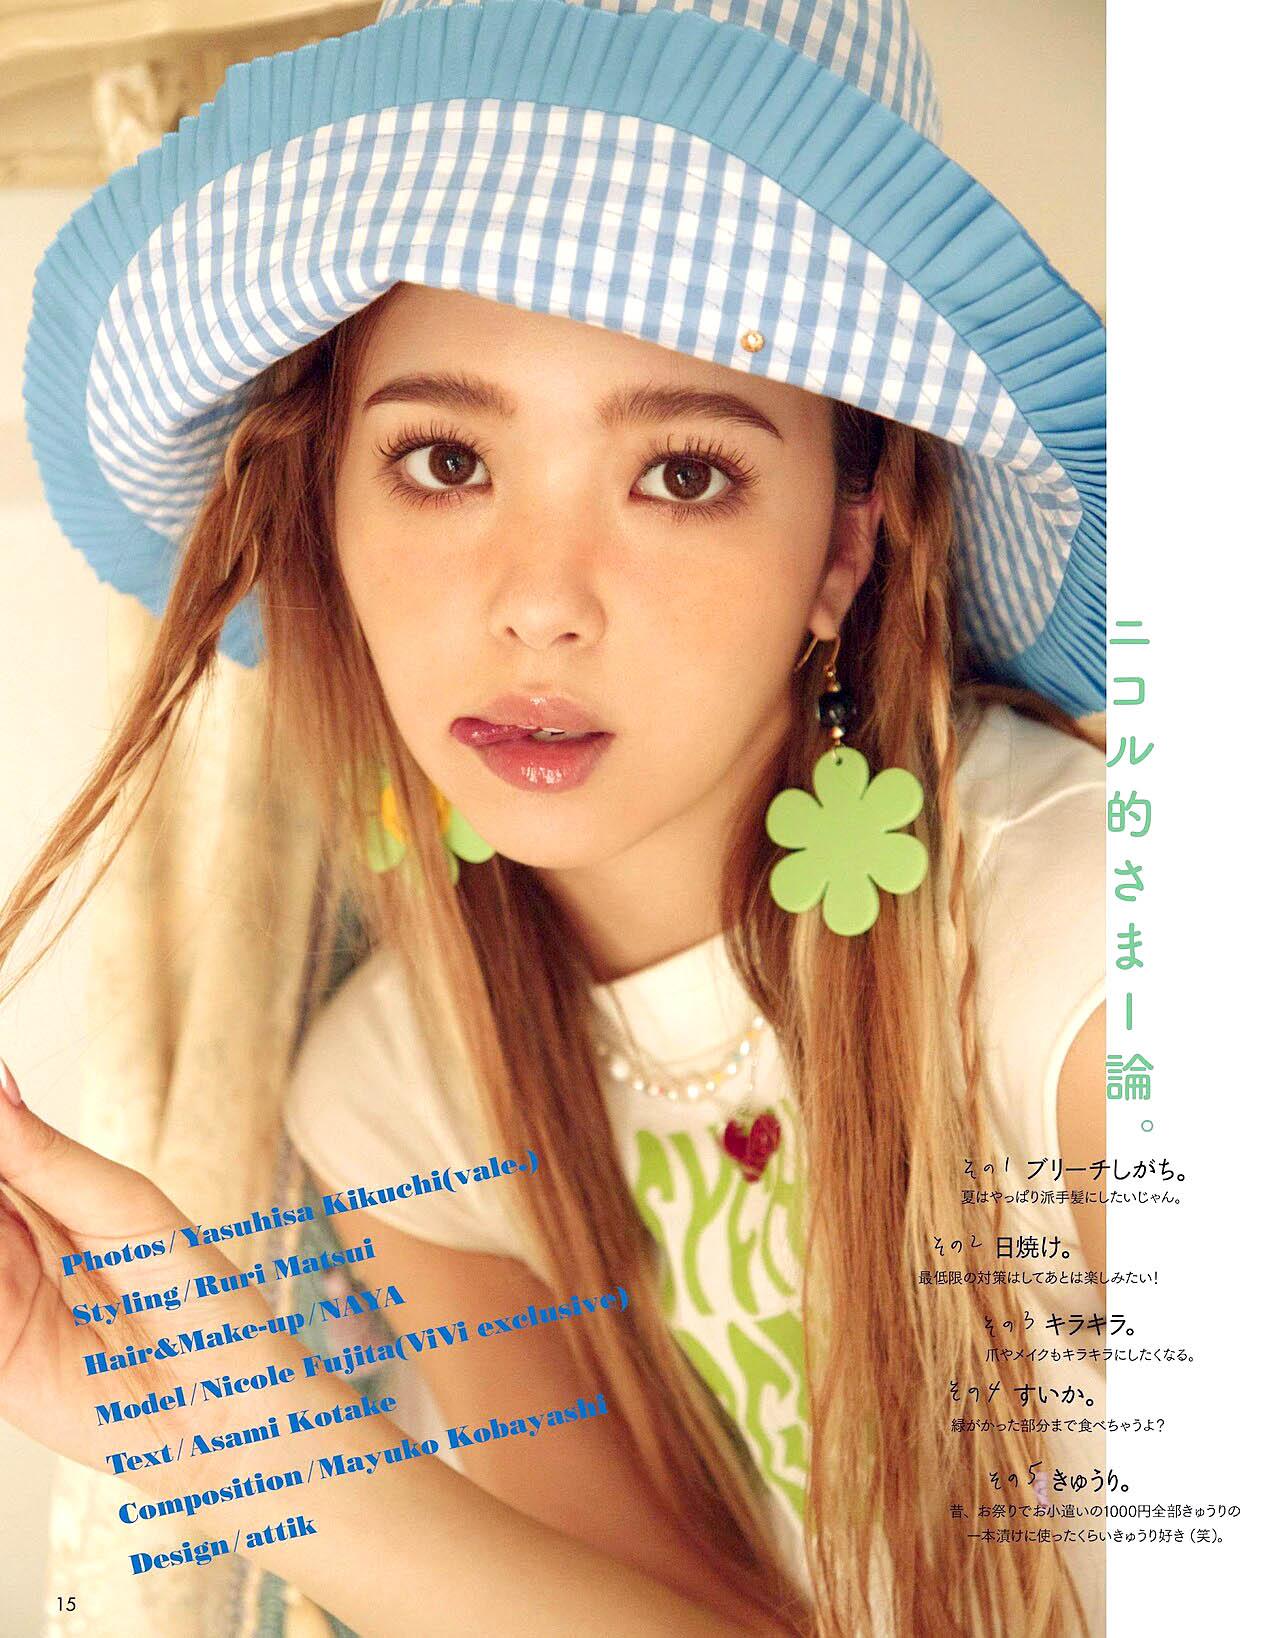 Nicole Fujita ViVi 2109 03.jpg